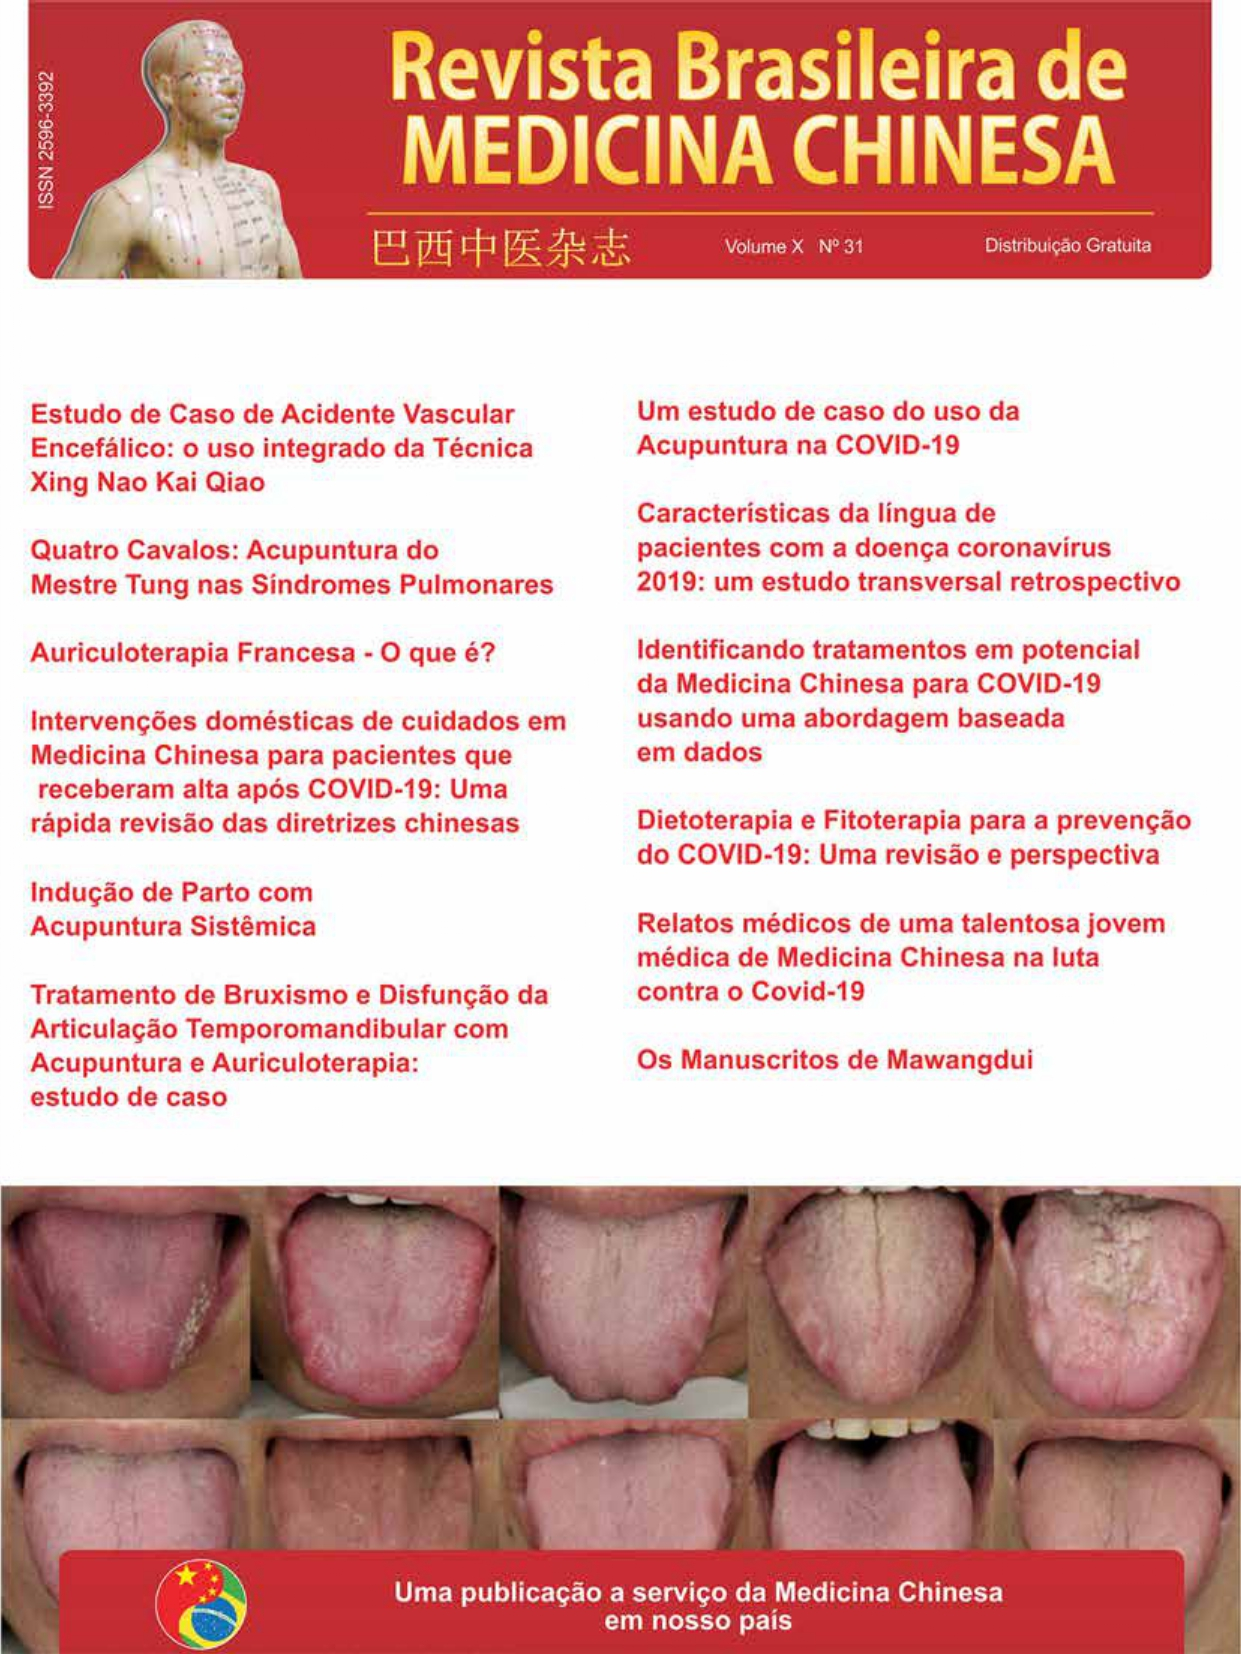 Revista Brasileira de Medicina Chinesa – 31ª Edição